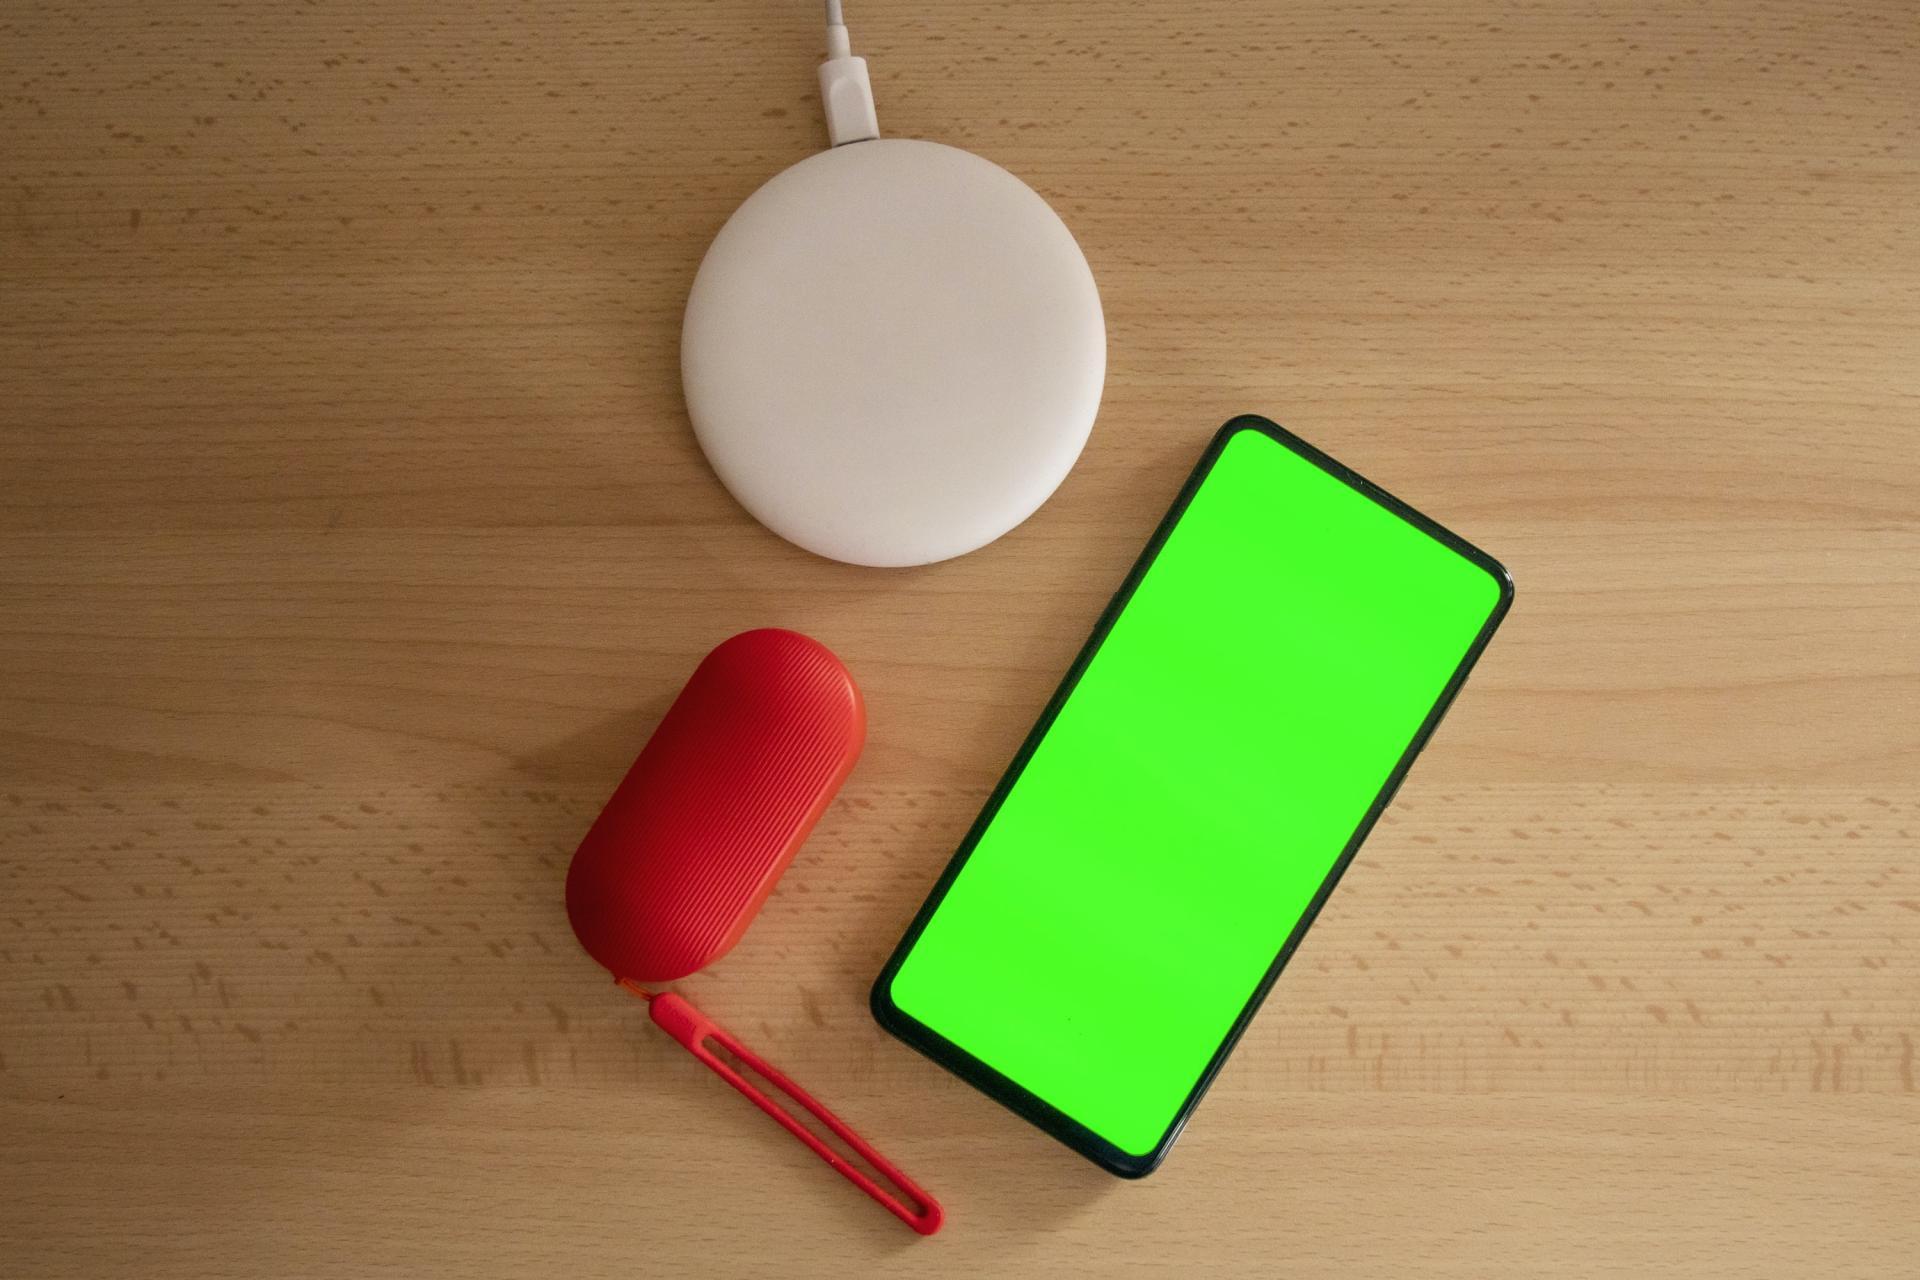 6 лучших смартфонов Android с беспроводной зарядкой (на любой бюджет)